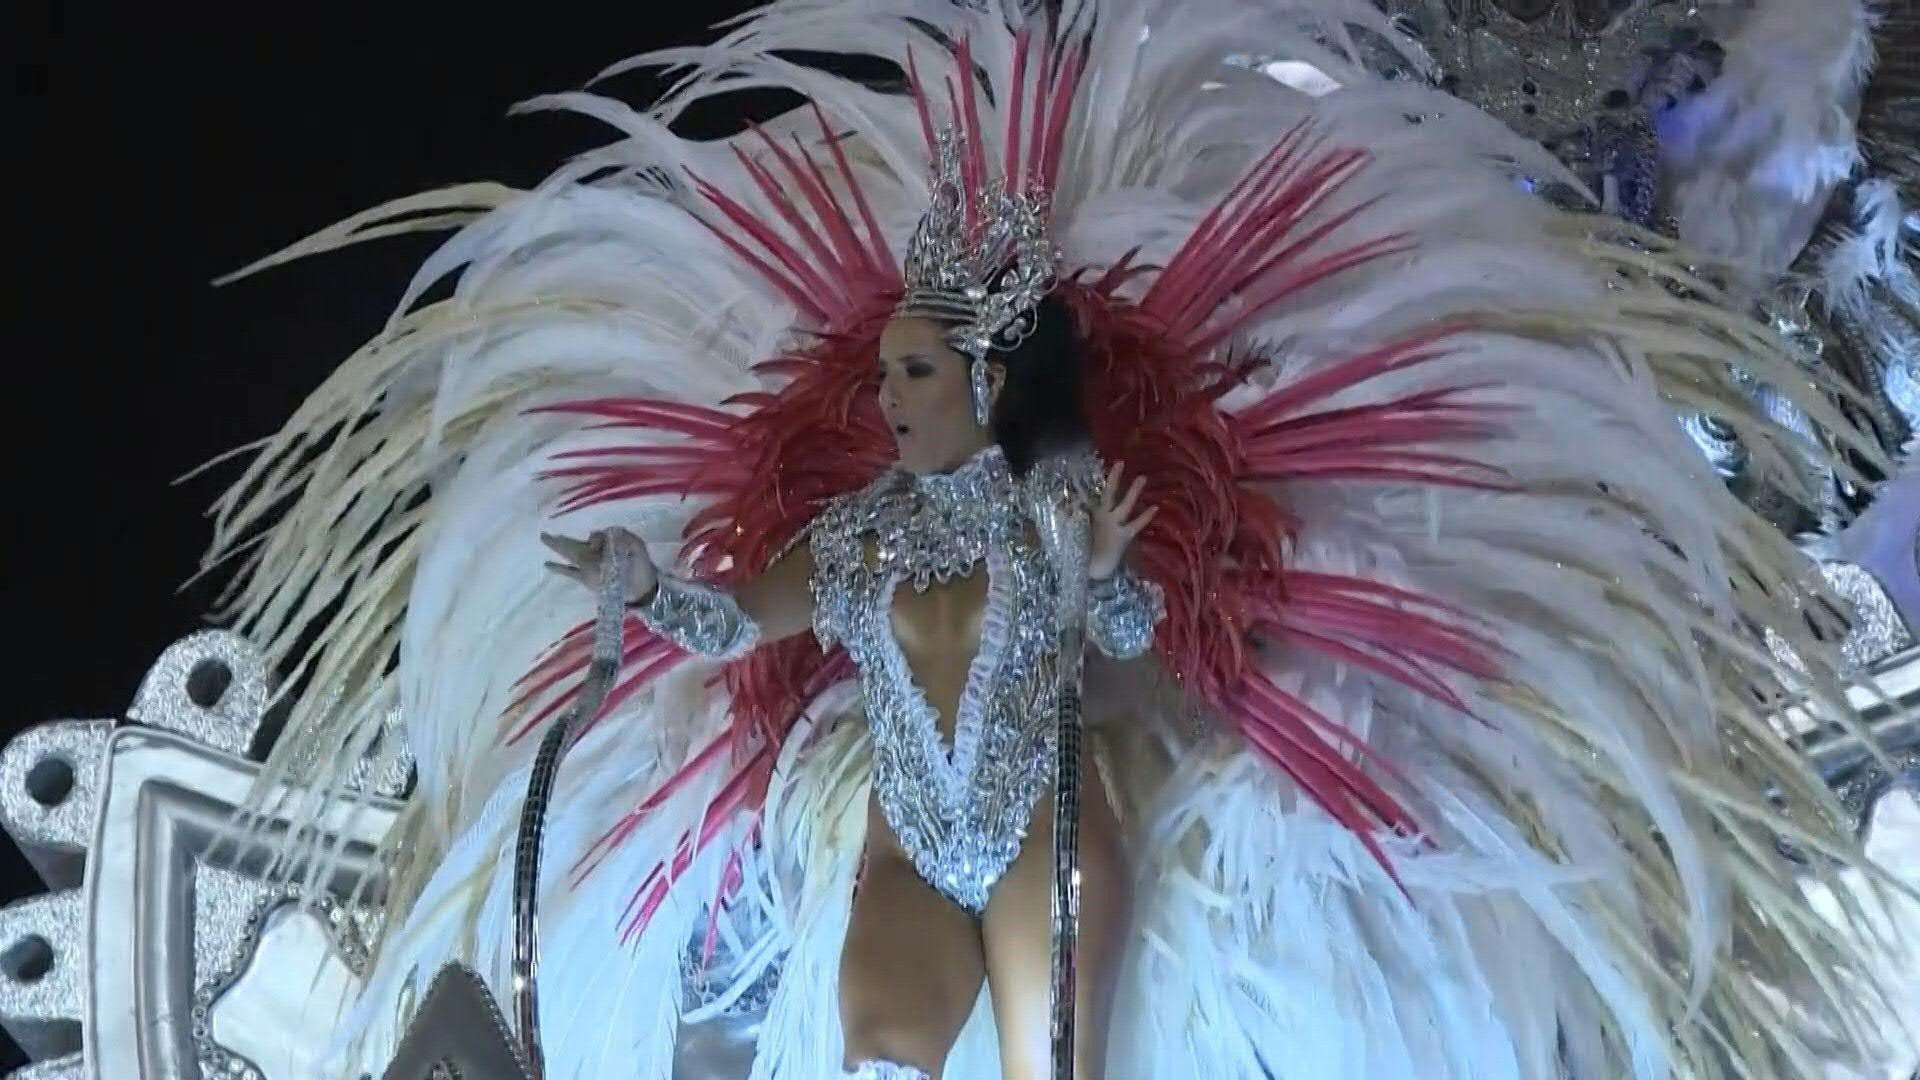 <p>R&iacute;o suspende desfiles del Carnaval de 2021 debido a la pandemia</p>